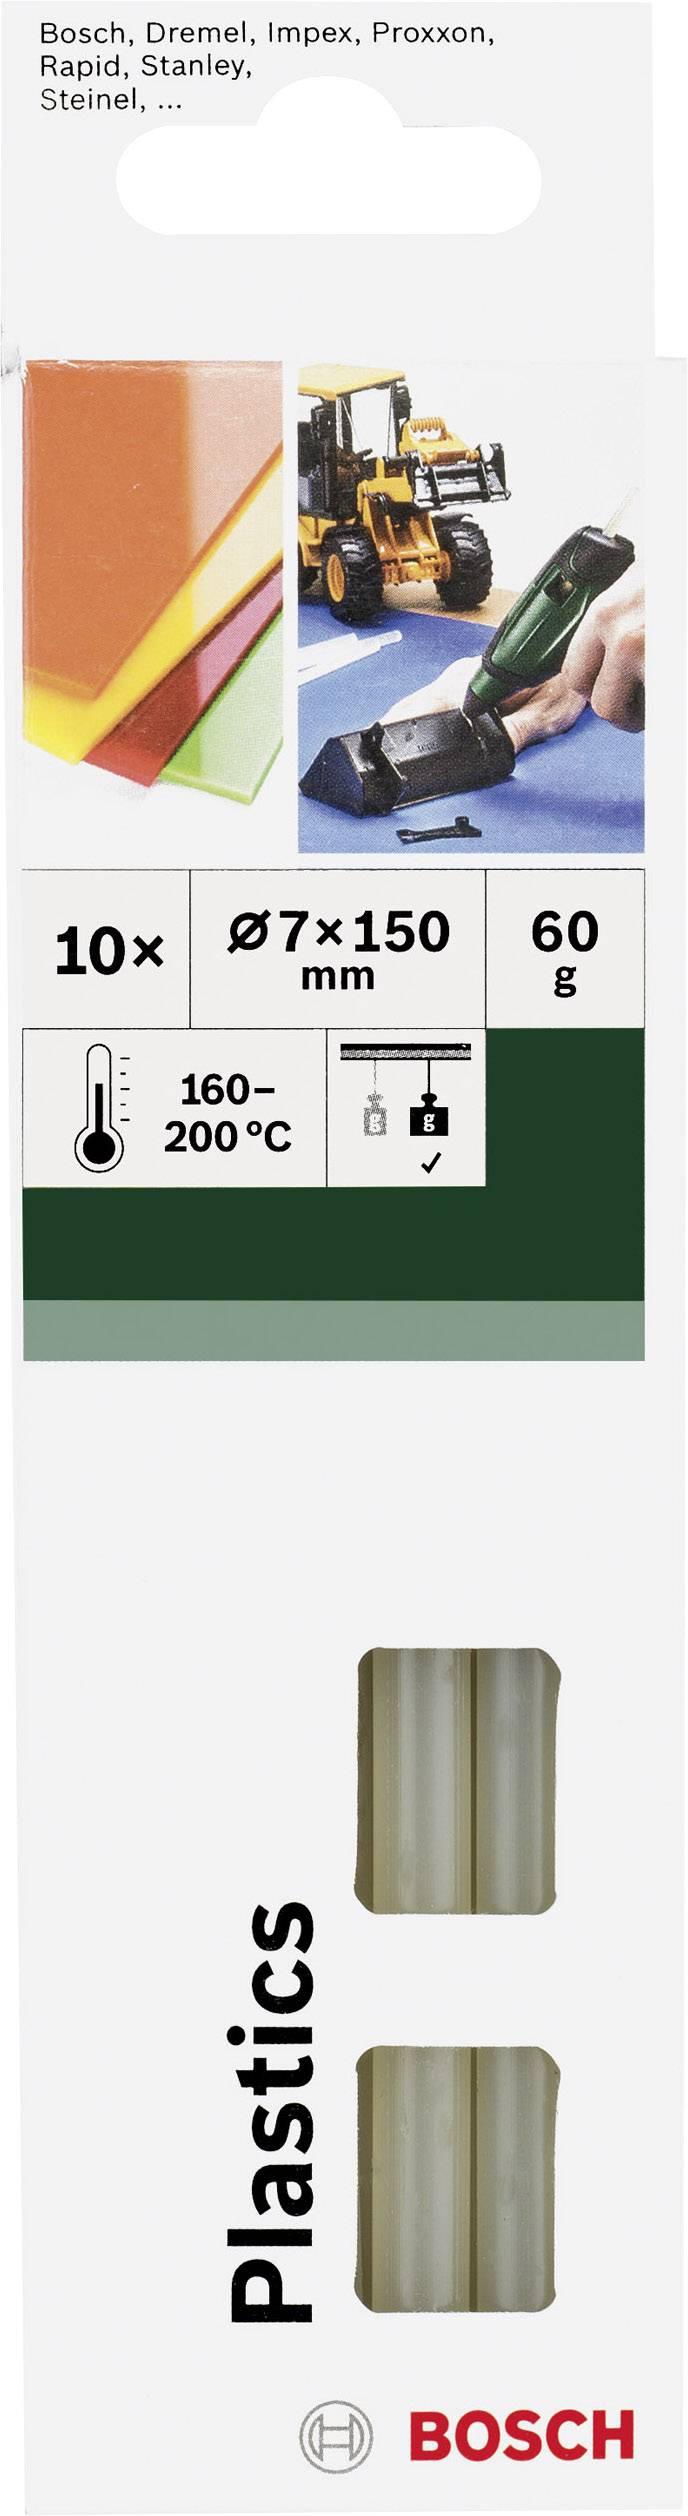 Lepicí tyčinky Bosch Accessories Plastics 2609256D32, Ø 7 mm, délka 150 mm, 10 ks, transparentní